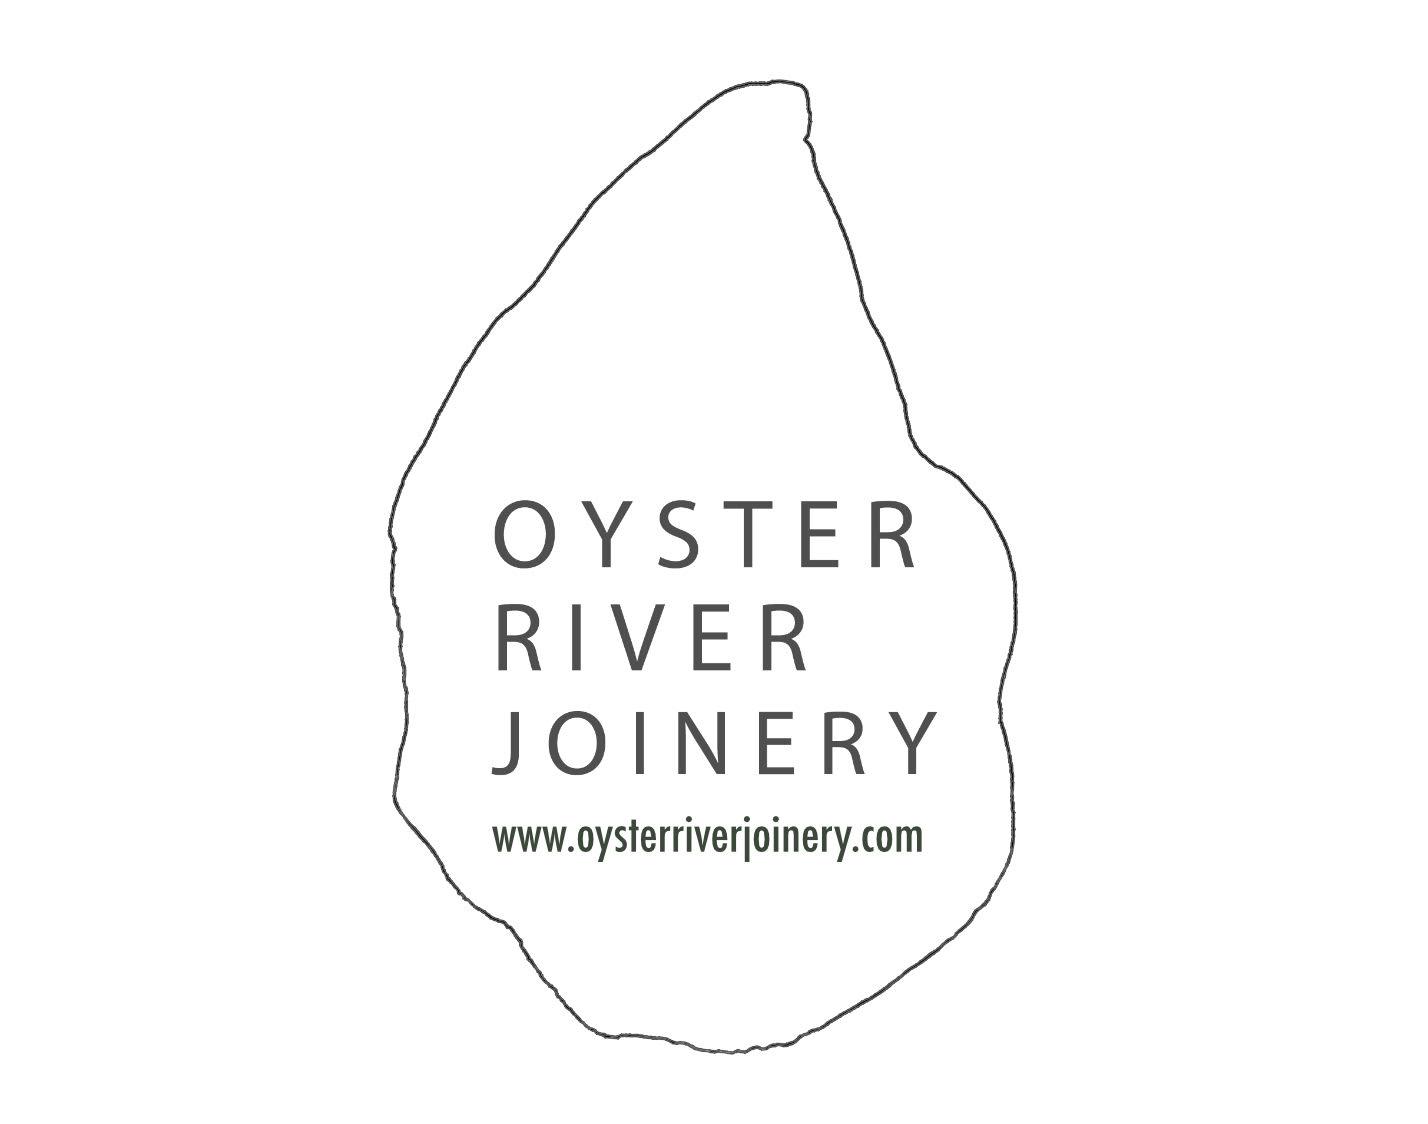 Oyster Joinery Logo.jpg